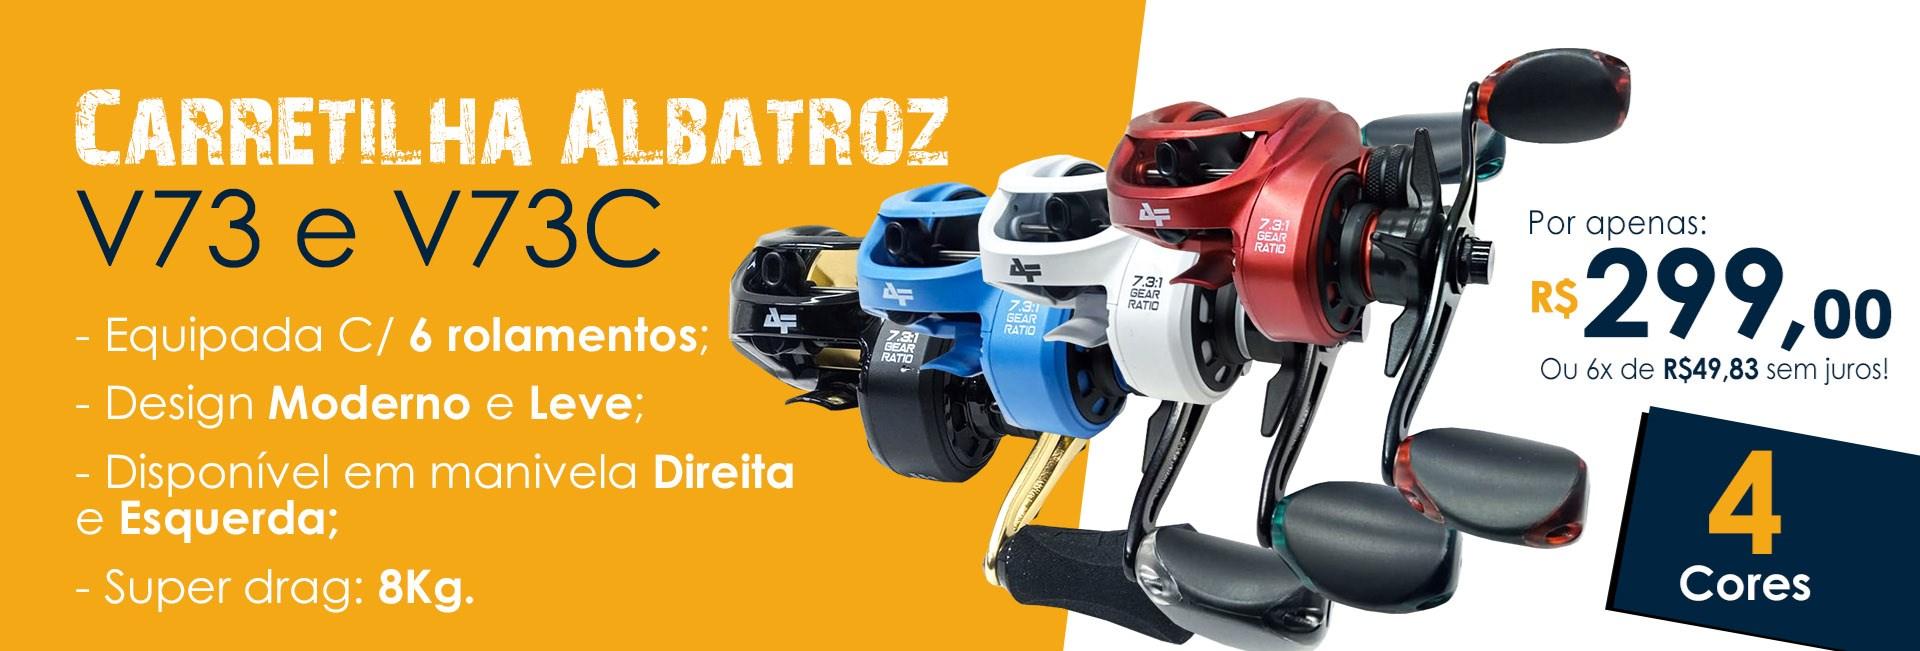 Carretilha Albatroz V73 Colors